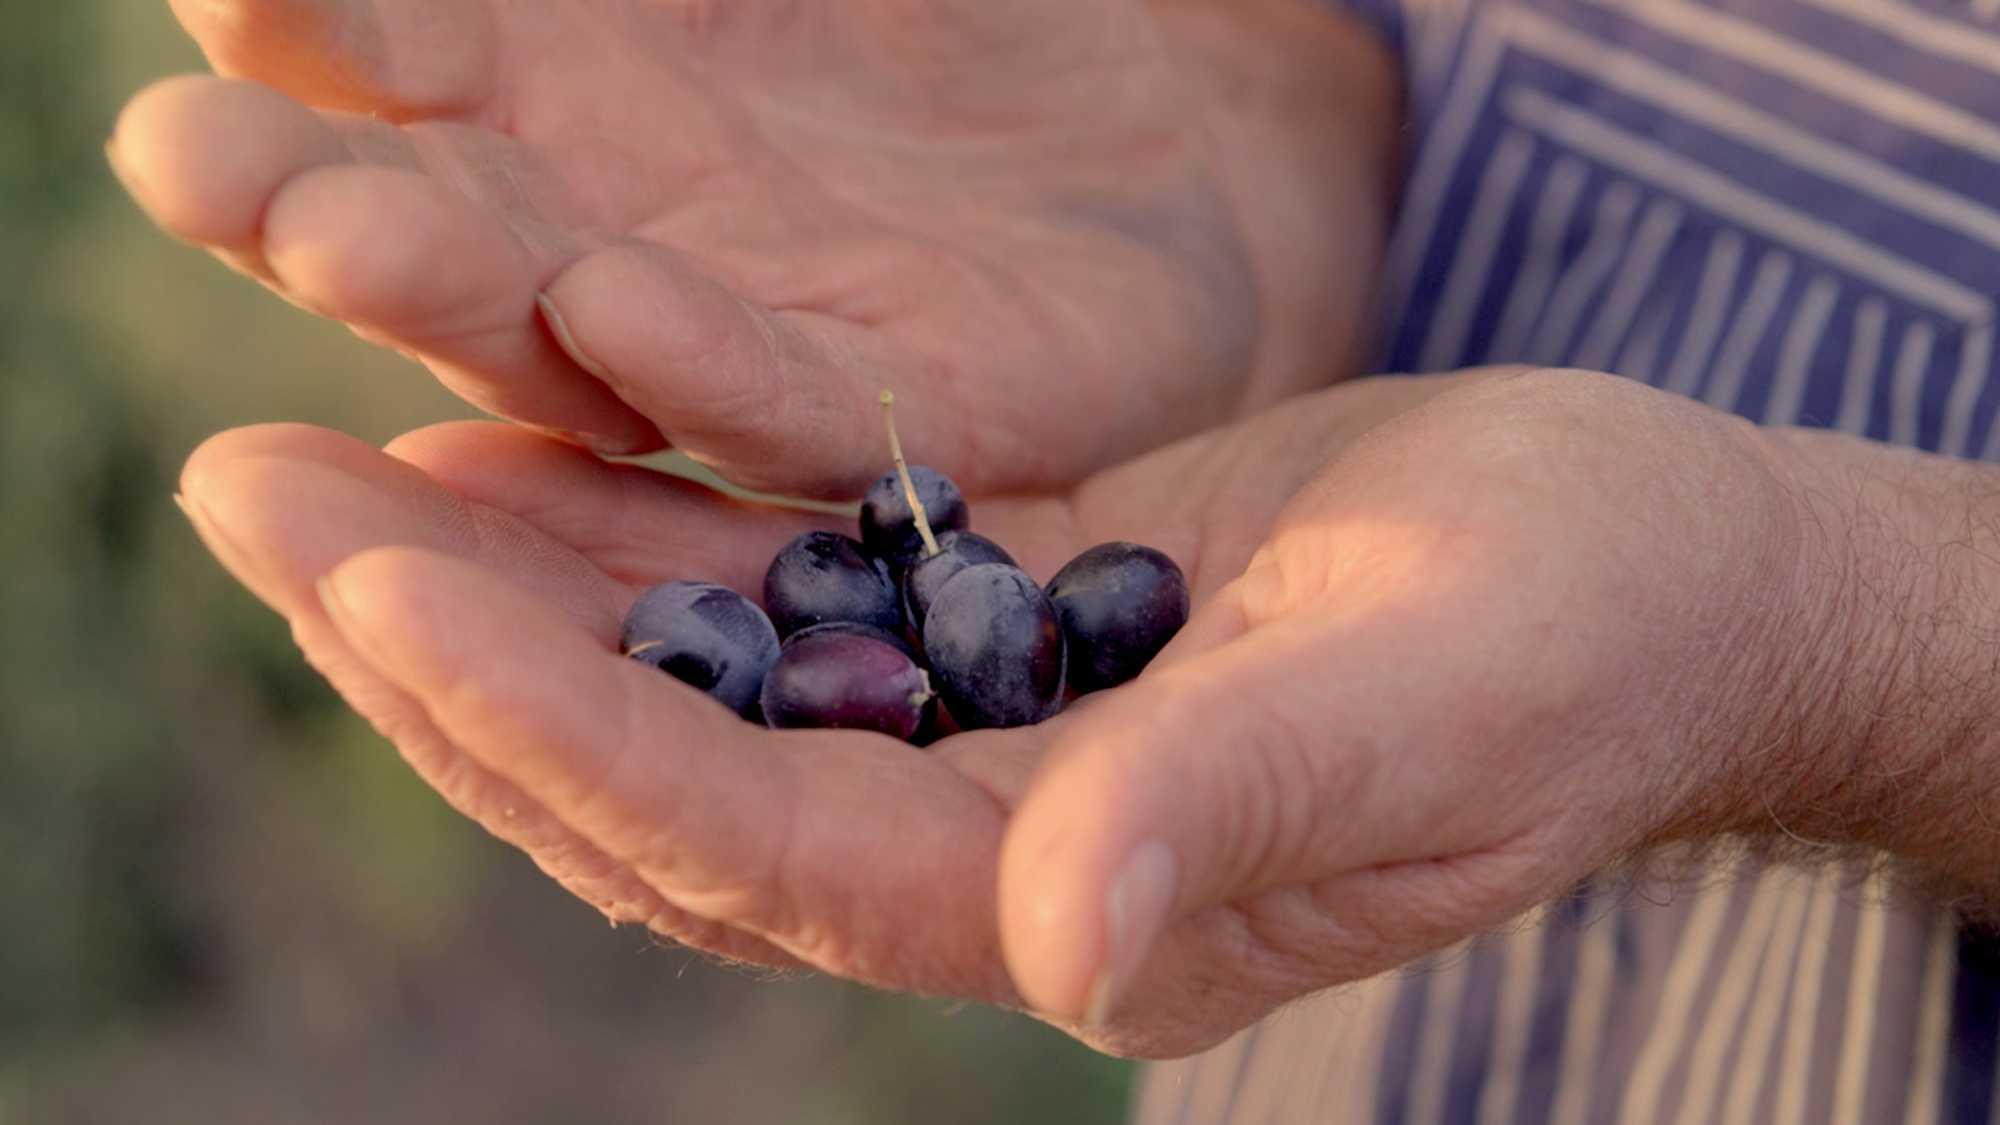 Das Bild zeigt zwei Hände. Sie halten Oliven. Diese sind schwarz. Auf der rechten Seite des Bildes sieht man ich ein Teil eines Hemdes. Es ist blau-weiß gestreift. Das Bild dient als Sliderbild für den Portfolioeintrag Kurzfilm Tränen der Olive von Panda Pictures.